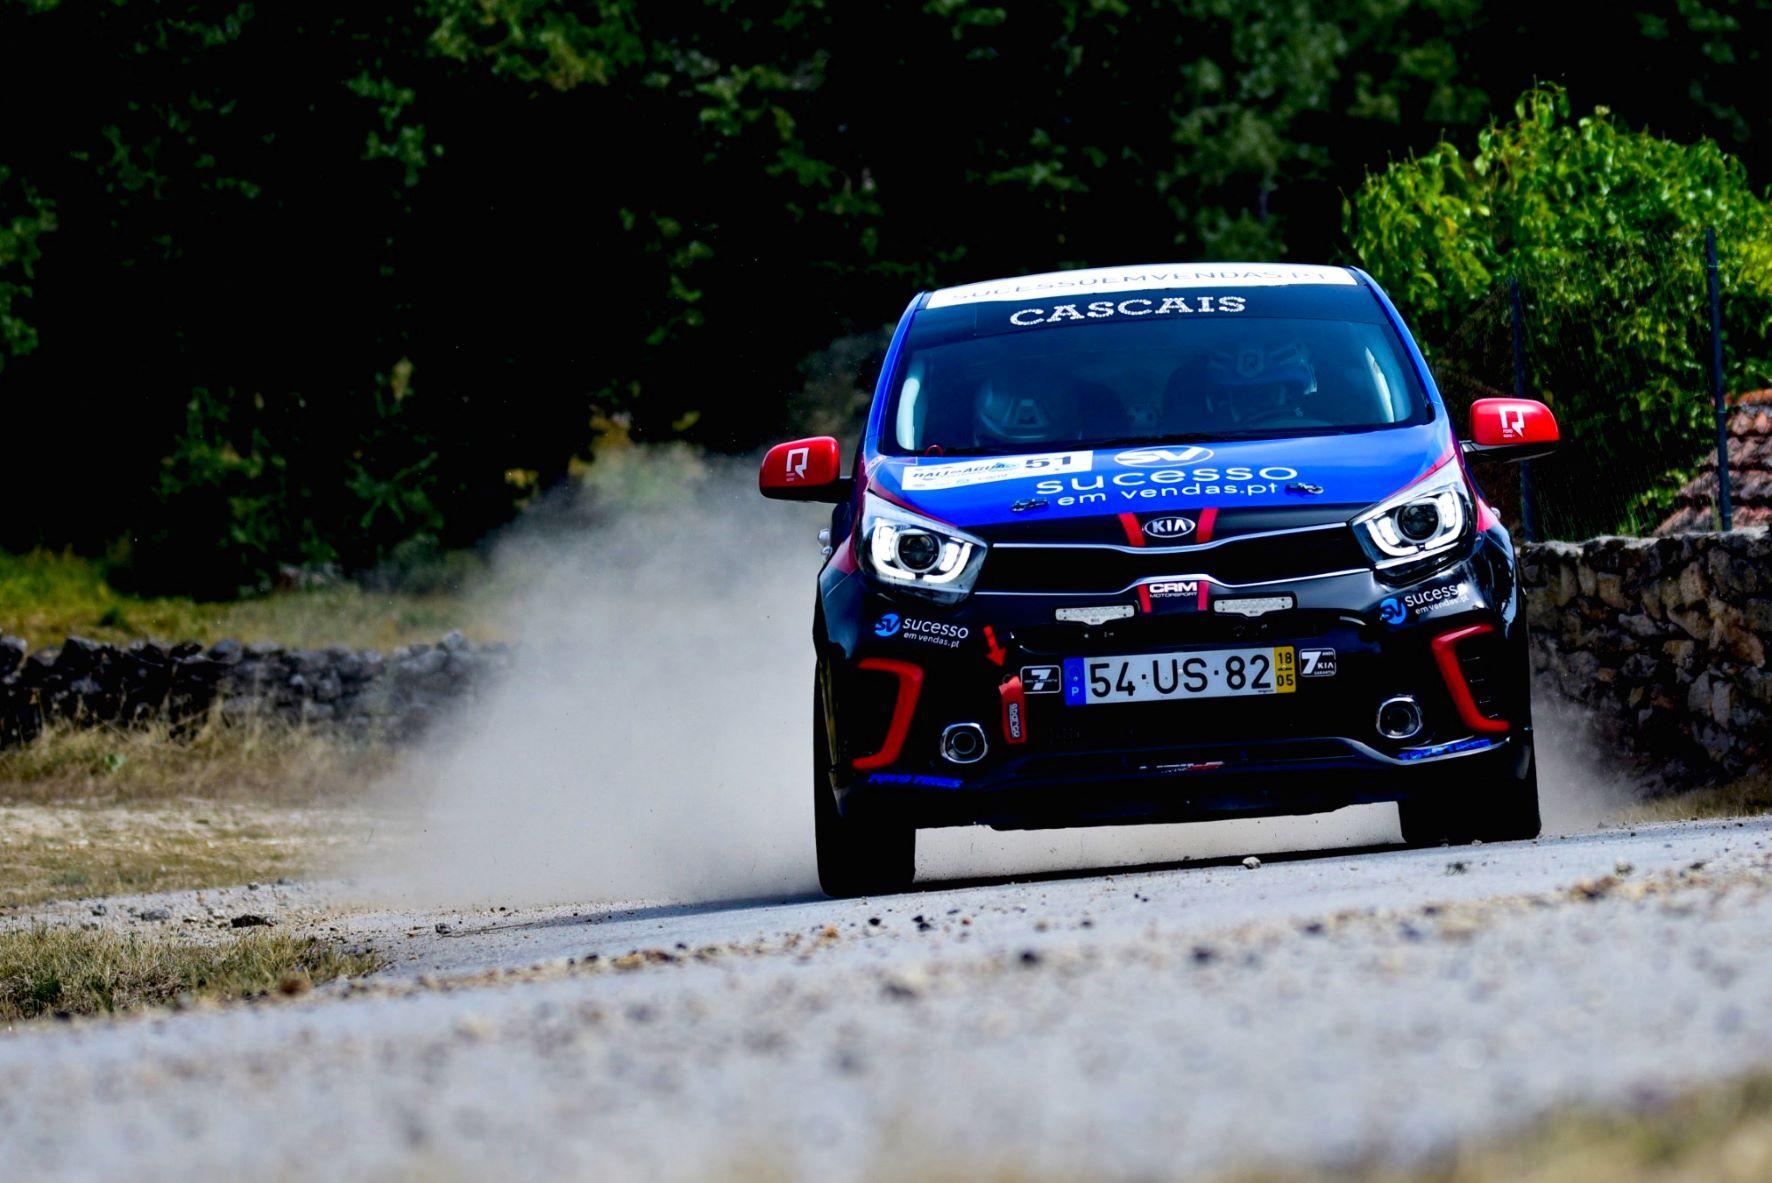 Rali do Vidreiro acolhe regresso do Rio e última jornada do Kia Rally Cup 20